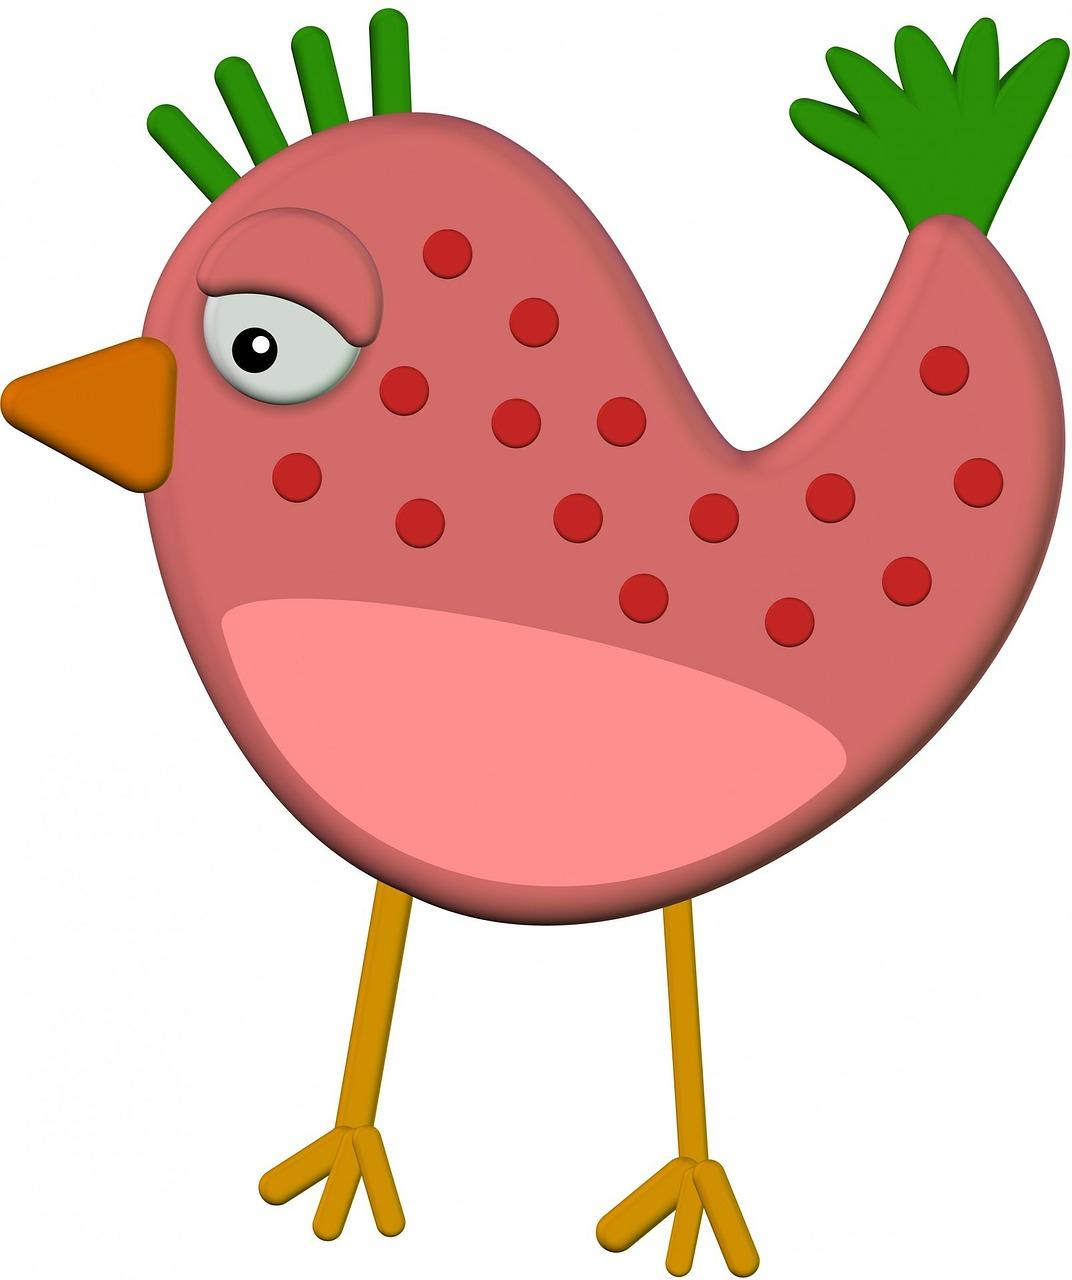 Kartun Ayam Anak Gambar Gratis Di Pixabay